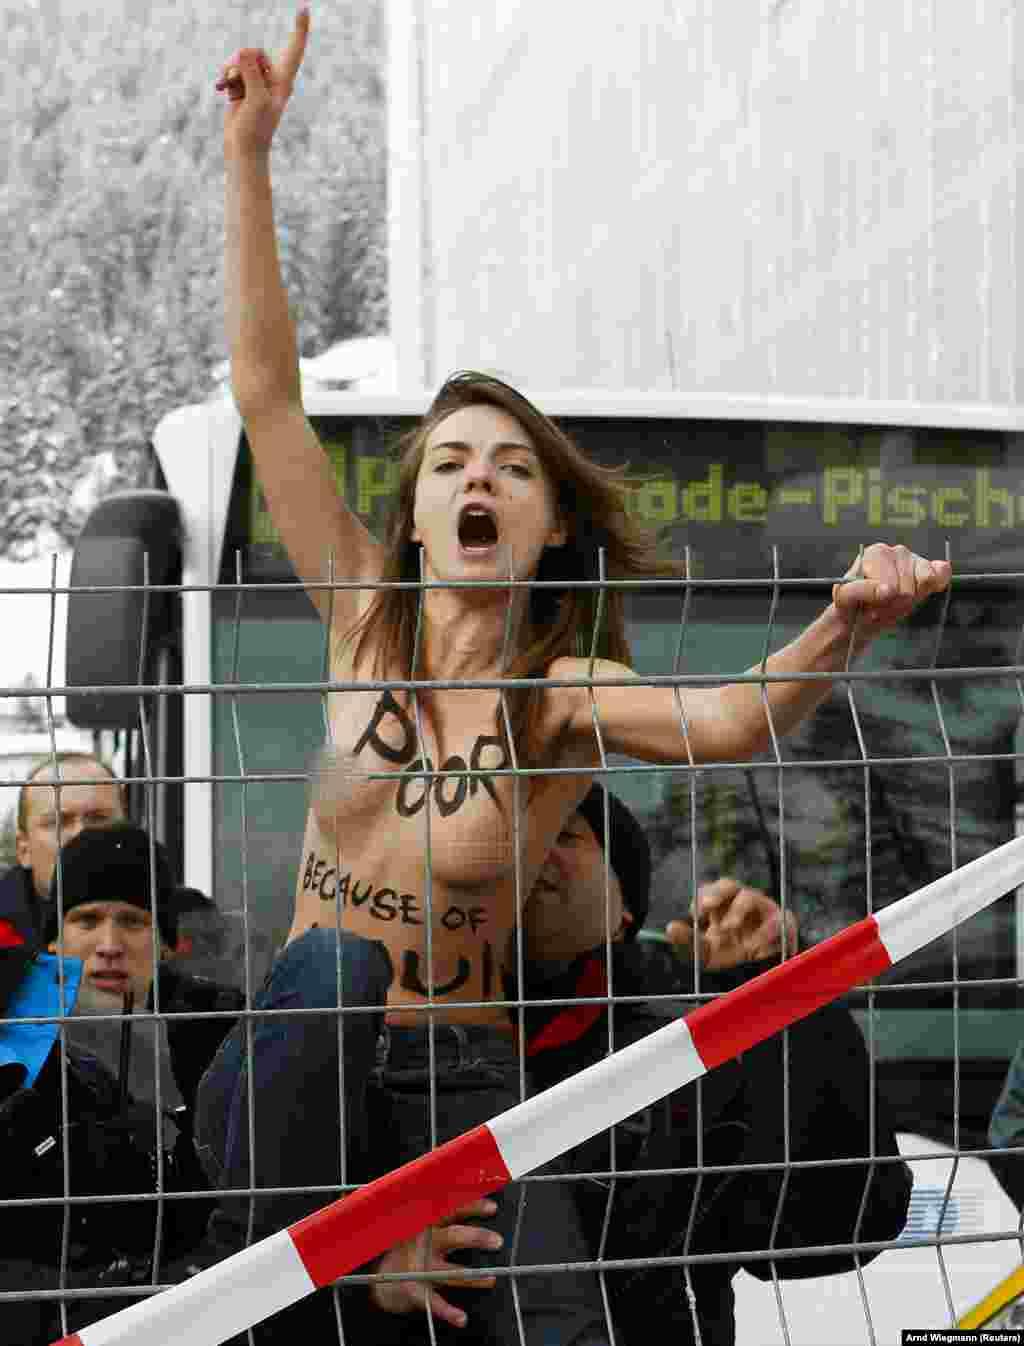 Швейцарські поліцейські затримали Оксану Шачко під час протесту на Всесвітньому економічному форумі в Давосі у 2012 році. Співзасновниця Femen Ганна Гуцол розповіла Радіо Свобода: «Наскільки мені відомо, вона була стурбована тим, що все йде погано у світі»